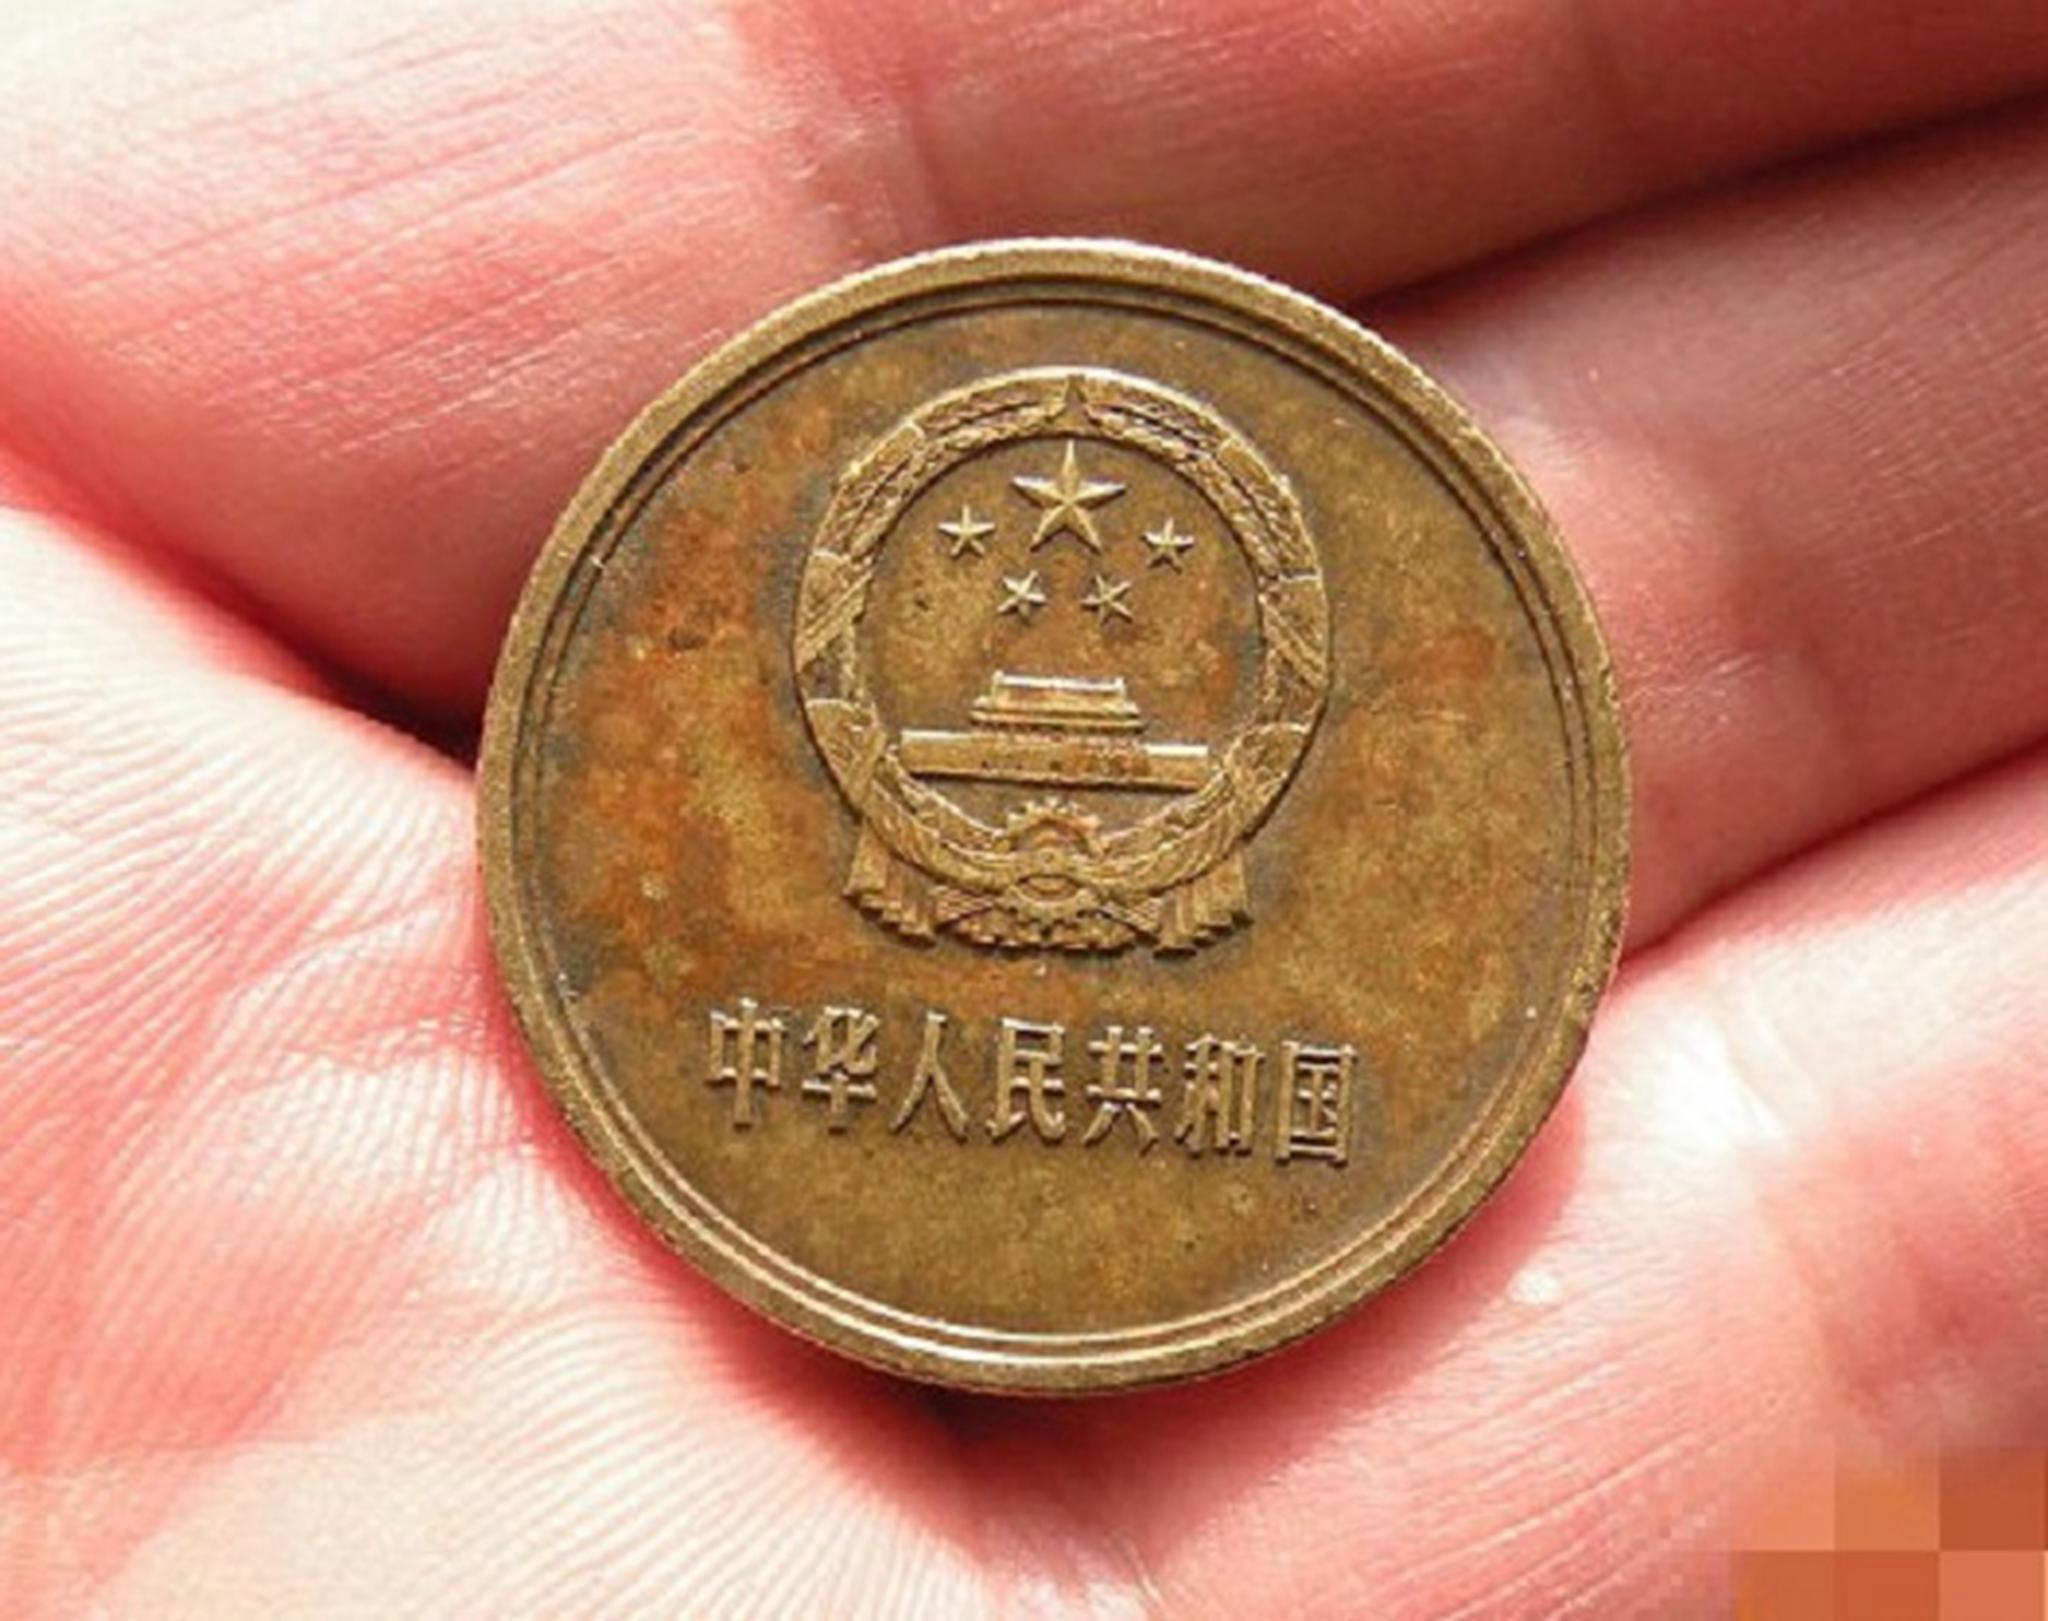 最值钱的五角硬币,家里有的话快收藏起来,现在一枚价值几十元